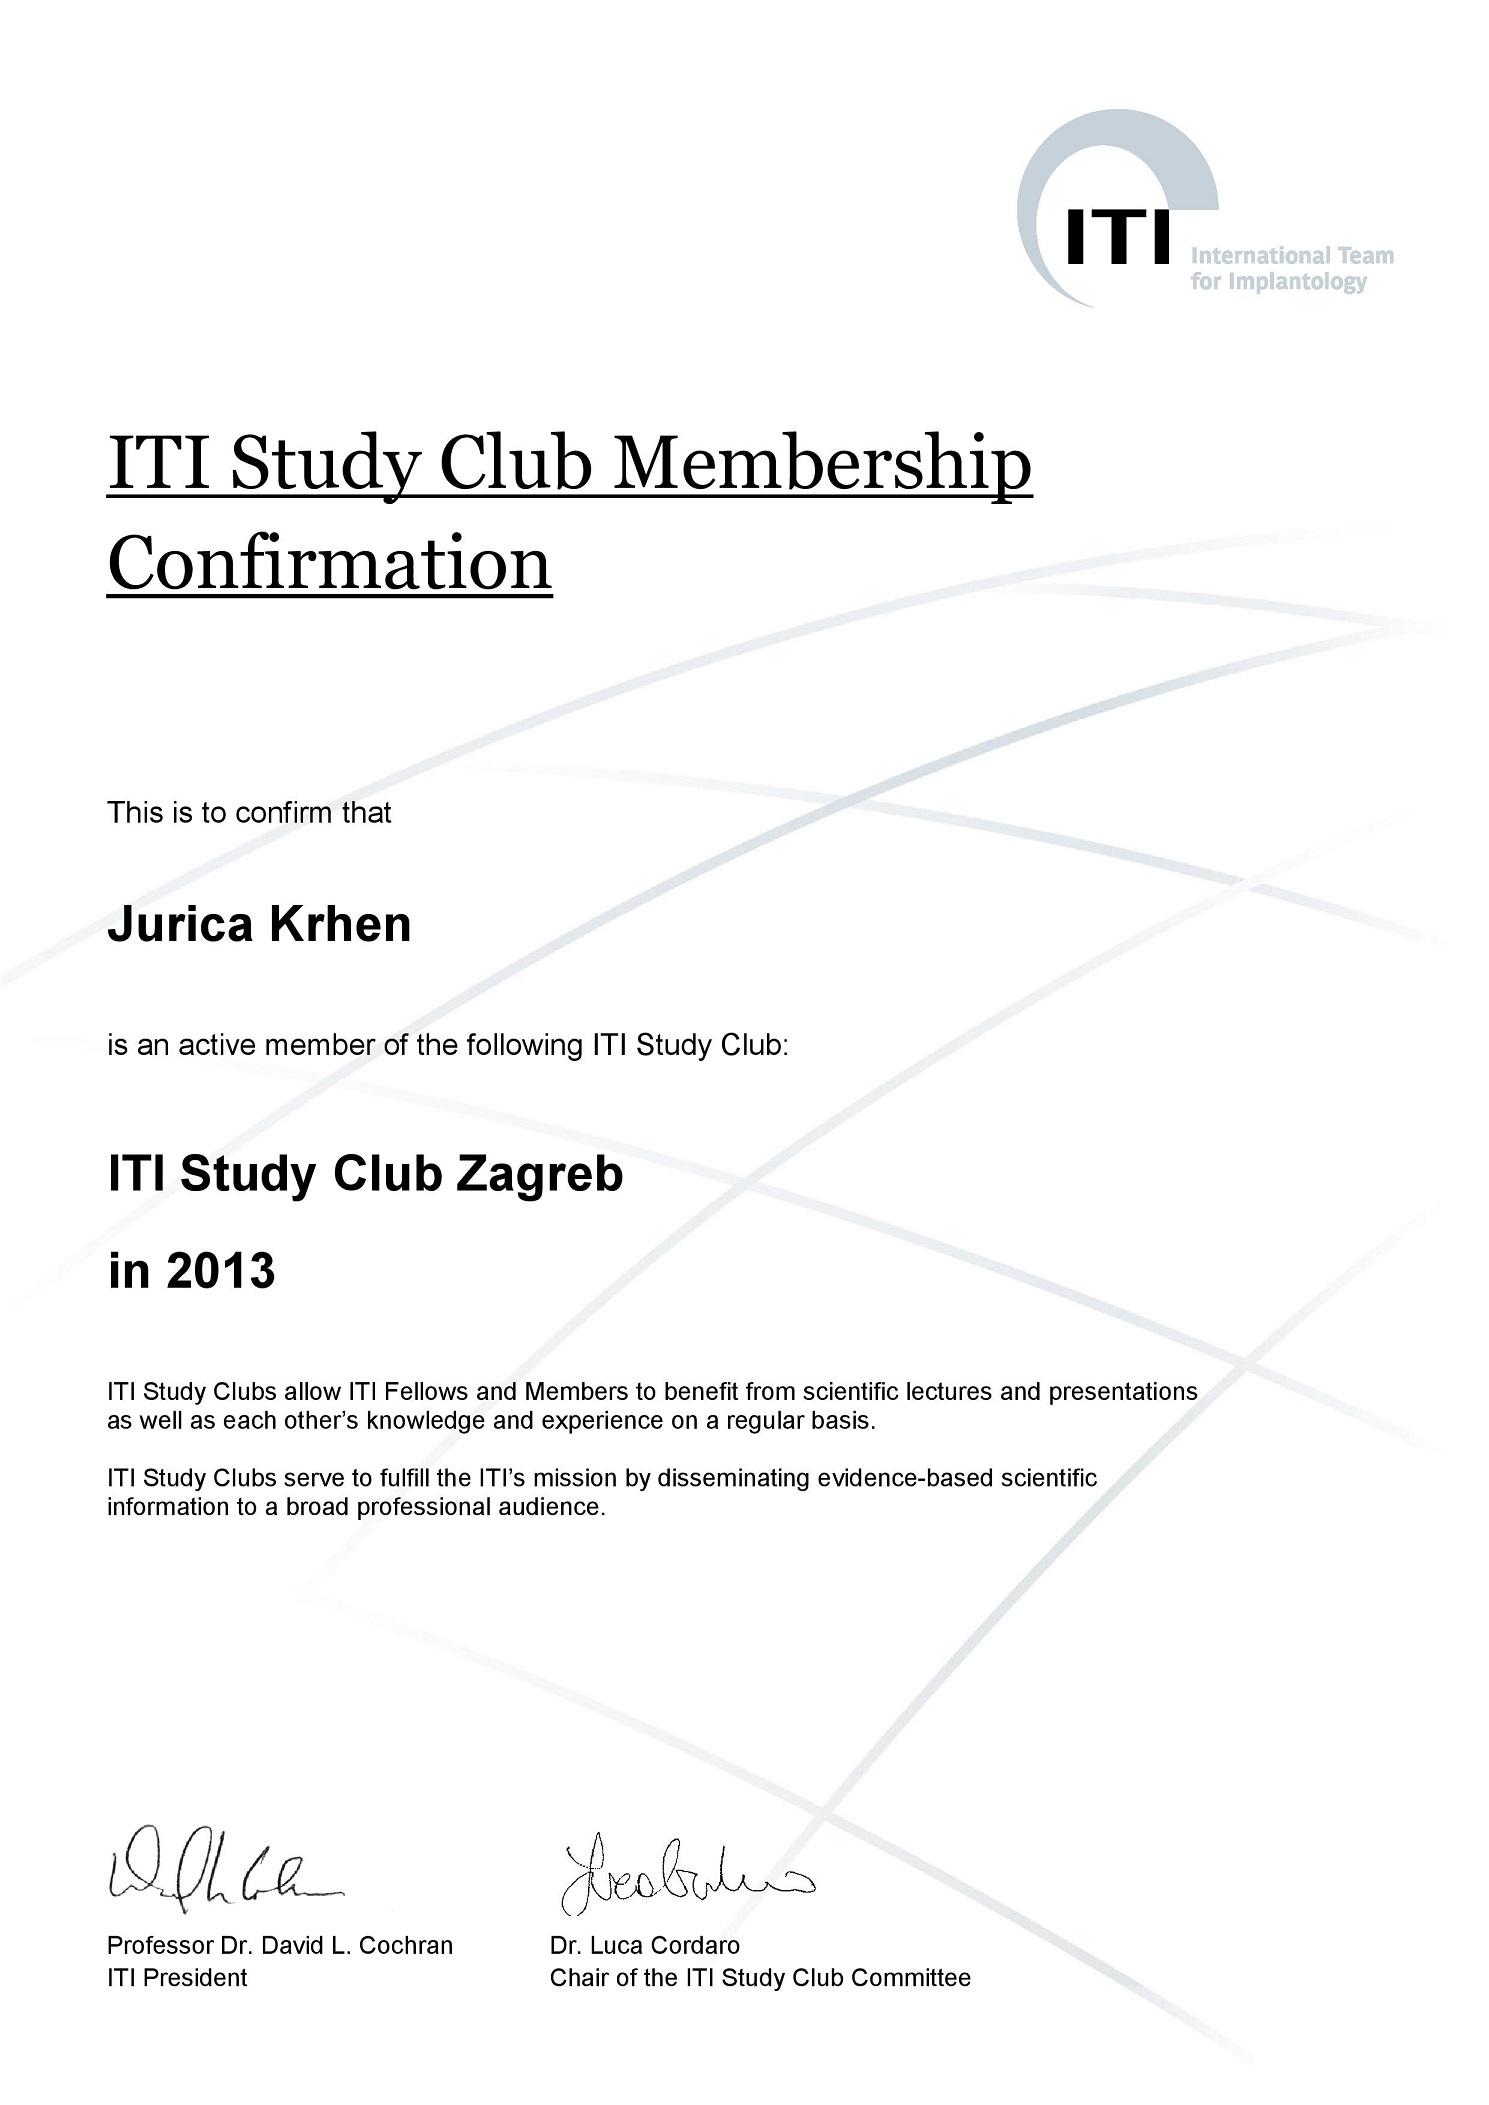 ITI Study Club 2013